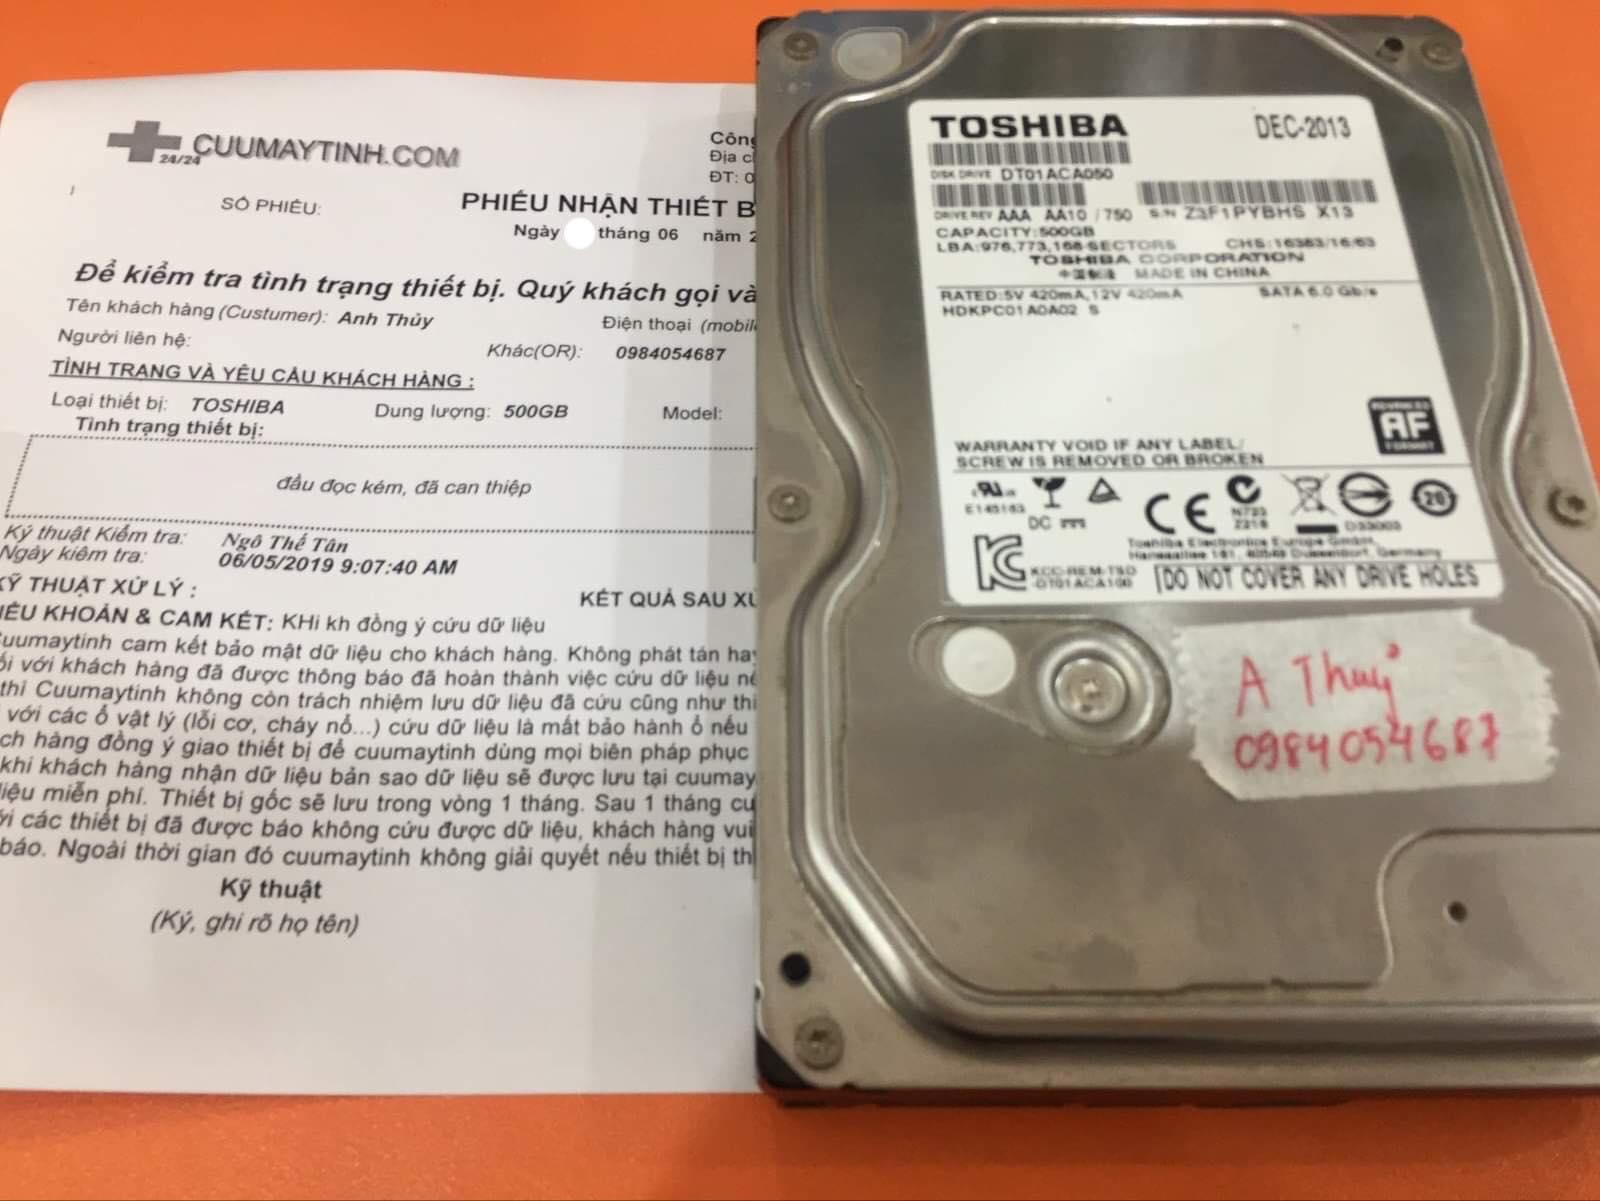 Khôi phục dữ liệu ổ cứng Toshiba 500GB đầu đọc kém 11/06/2019 - cuumaytinh